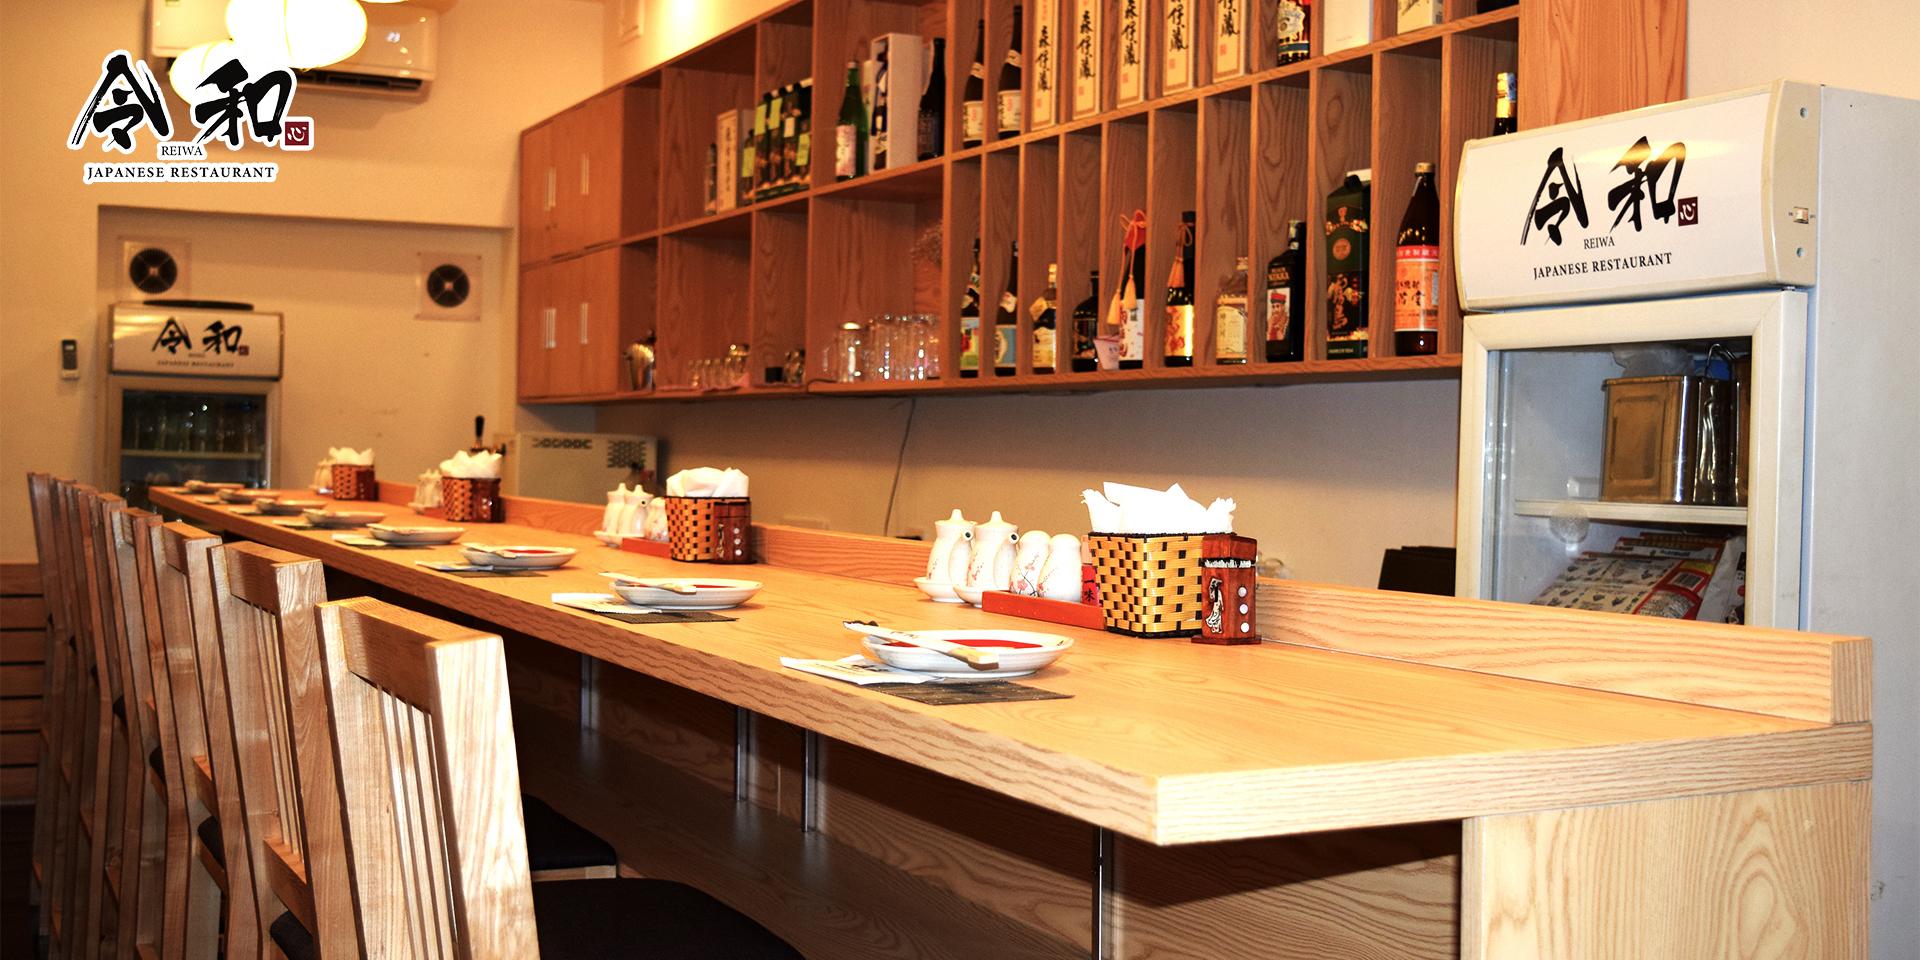 日本食,レストラン,居酒屋,酒,日本酒,令和,れいわ